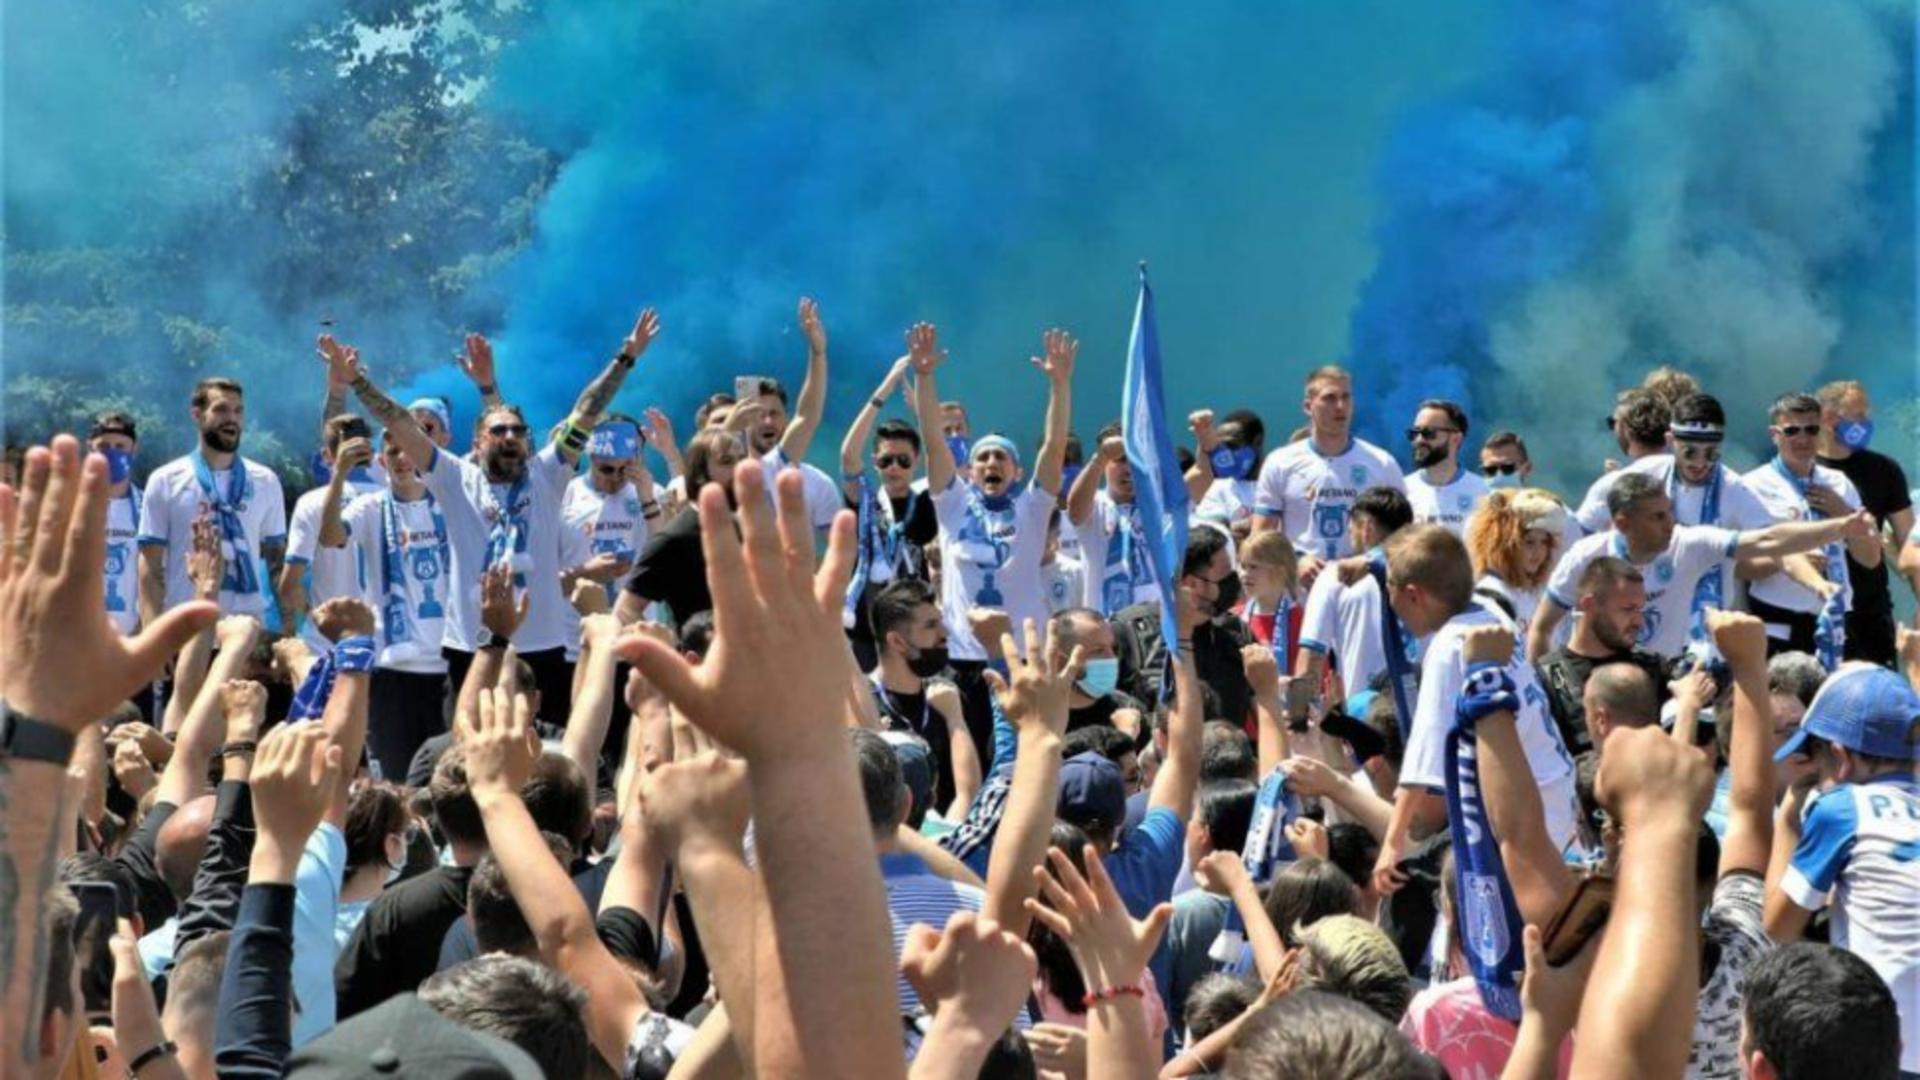 Sar scântei între rivalele din Craiova! Patronul lui CSU a dat startul printr-o declarație incendiară